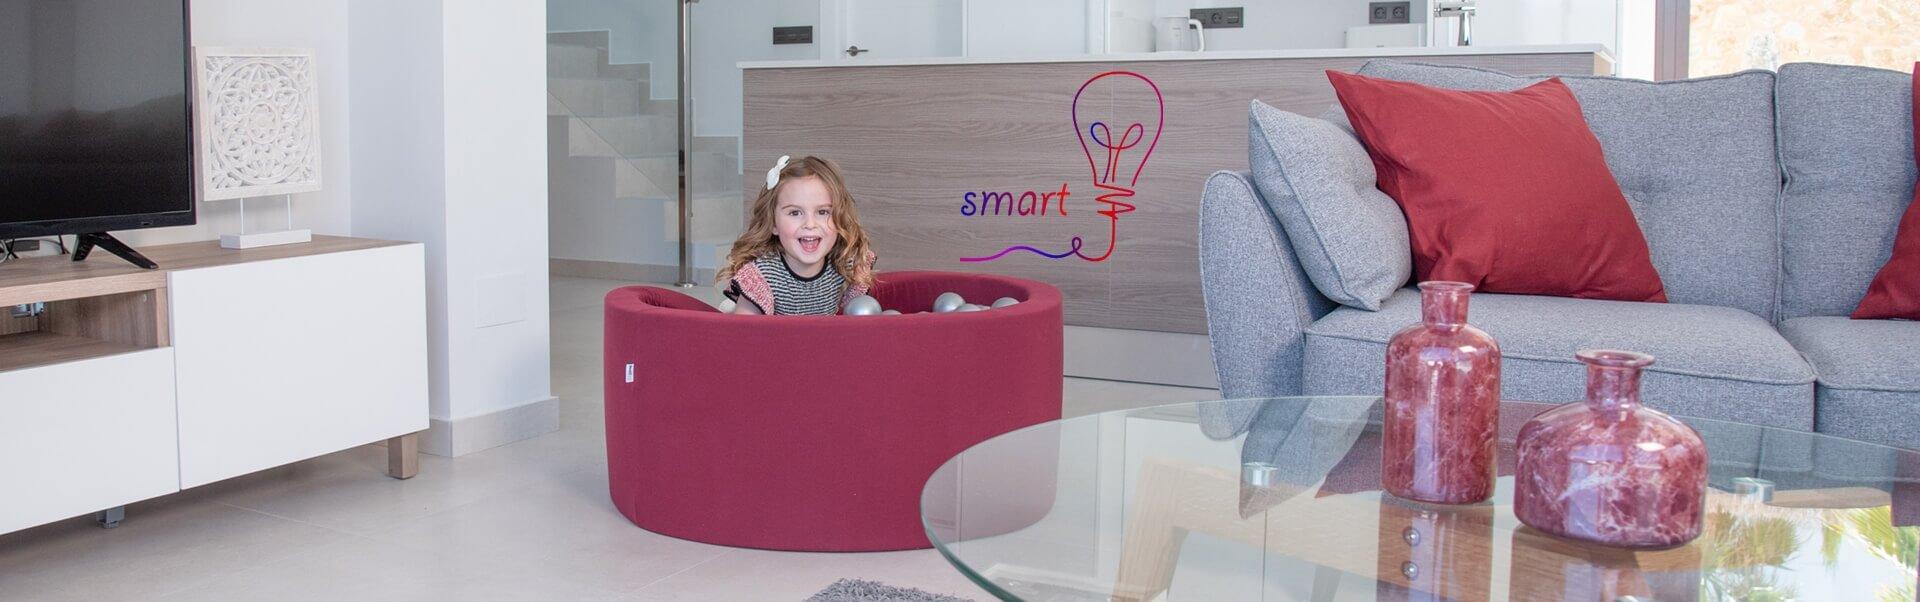 Piscina Smart – 130x130x40cm, Rosado